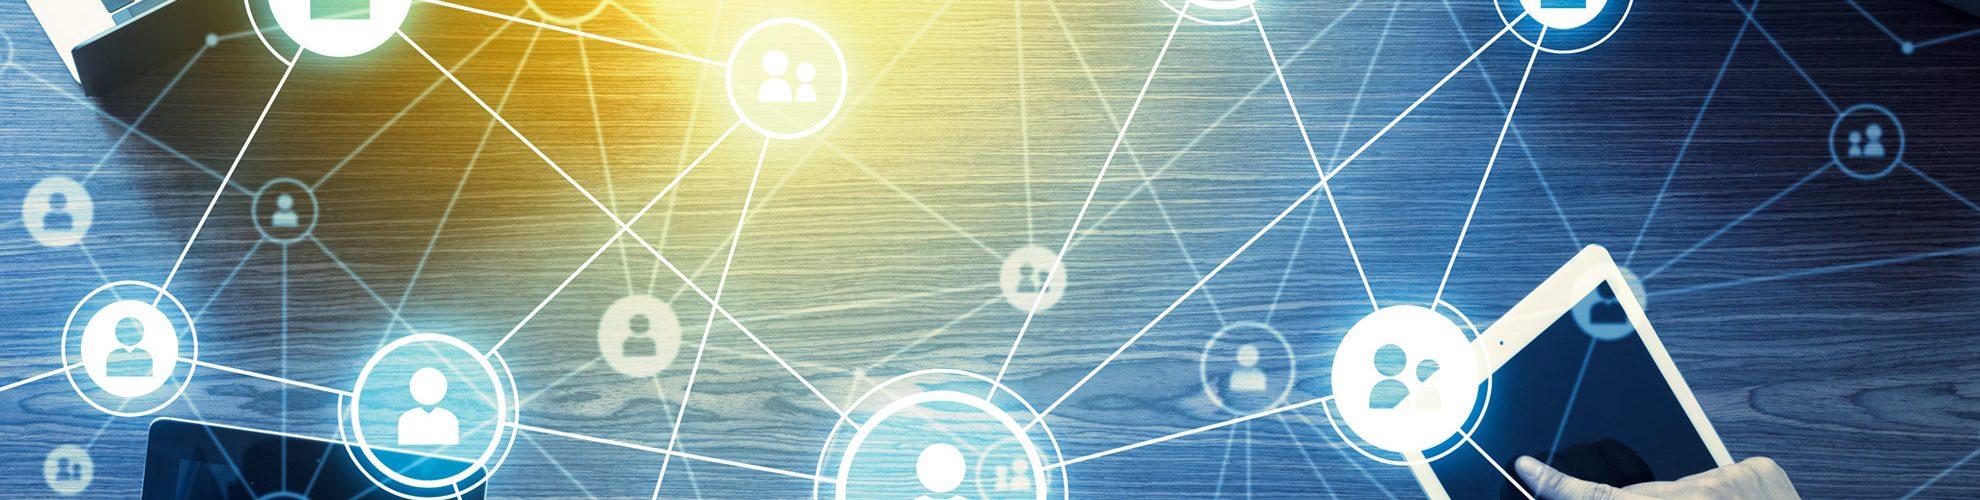 Le nuove soluzioni digitali per innovare lo studio commercialista.